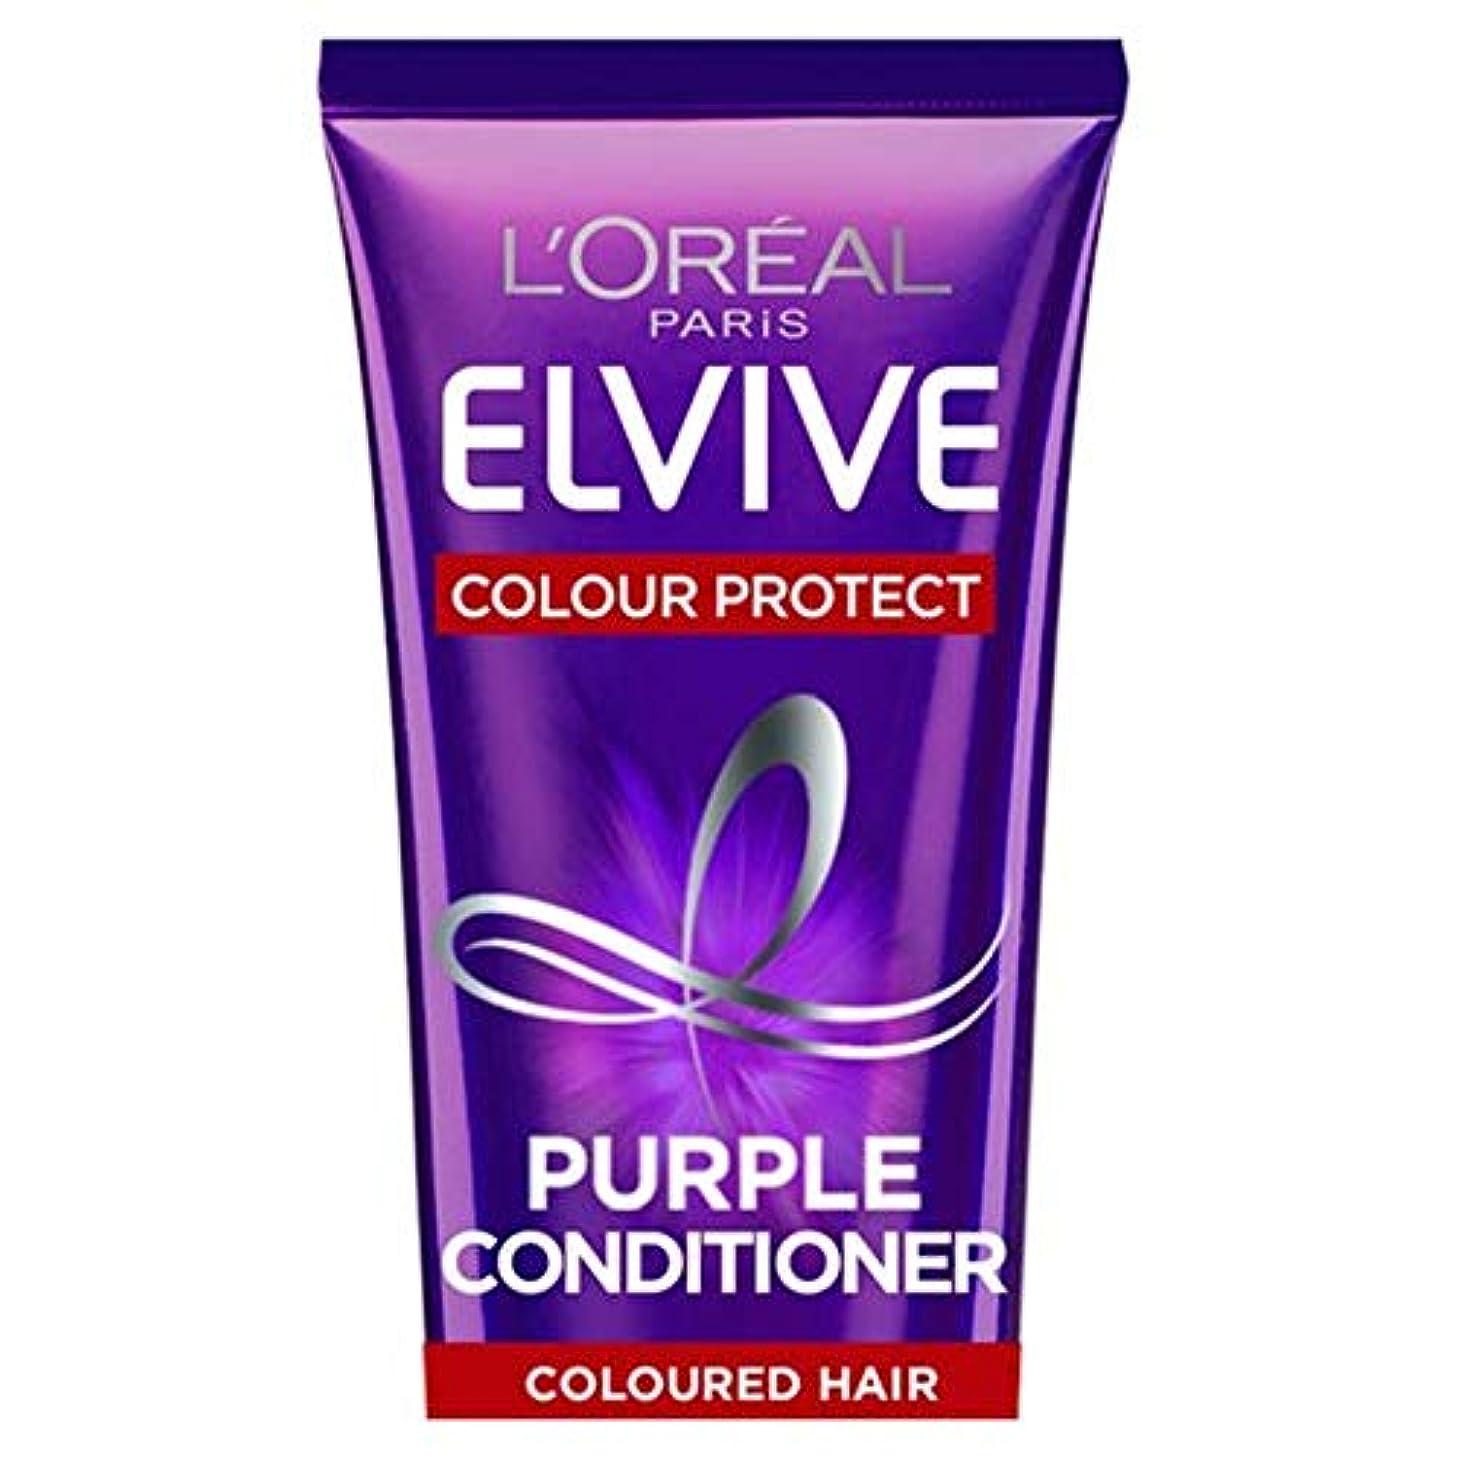 シネマミス周り[Elvive] ロレアルElvive色は紫コンディショナー150ミリリットルを保護します - L'oreal Elvive Colour Protect Purple Conditioner 150Ml [並行輸入品]